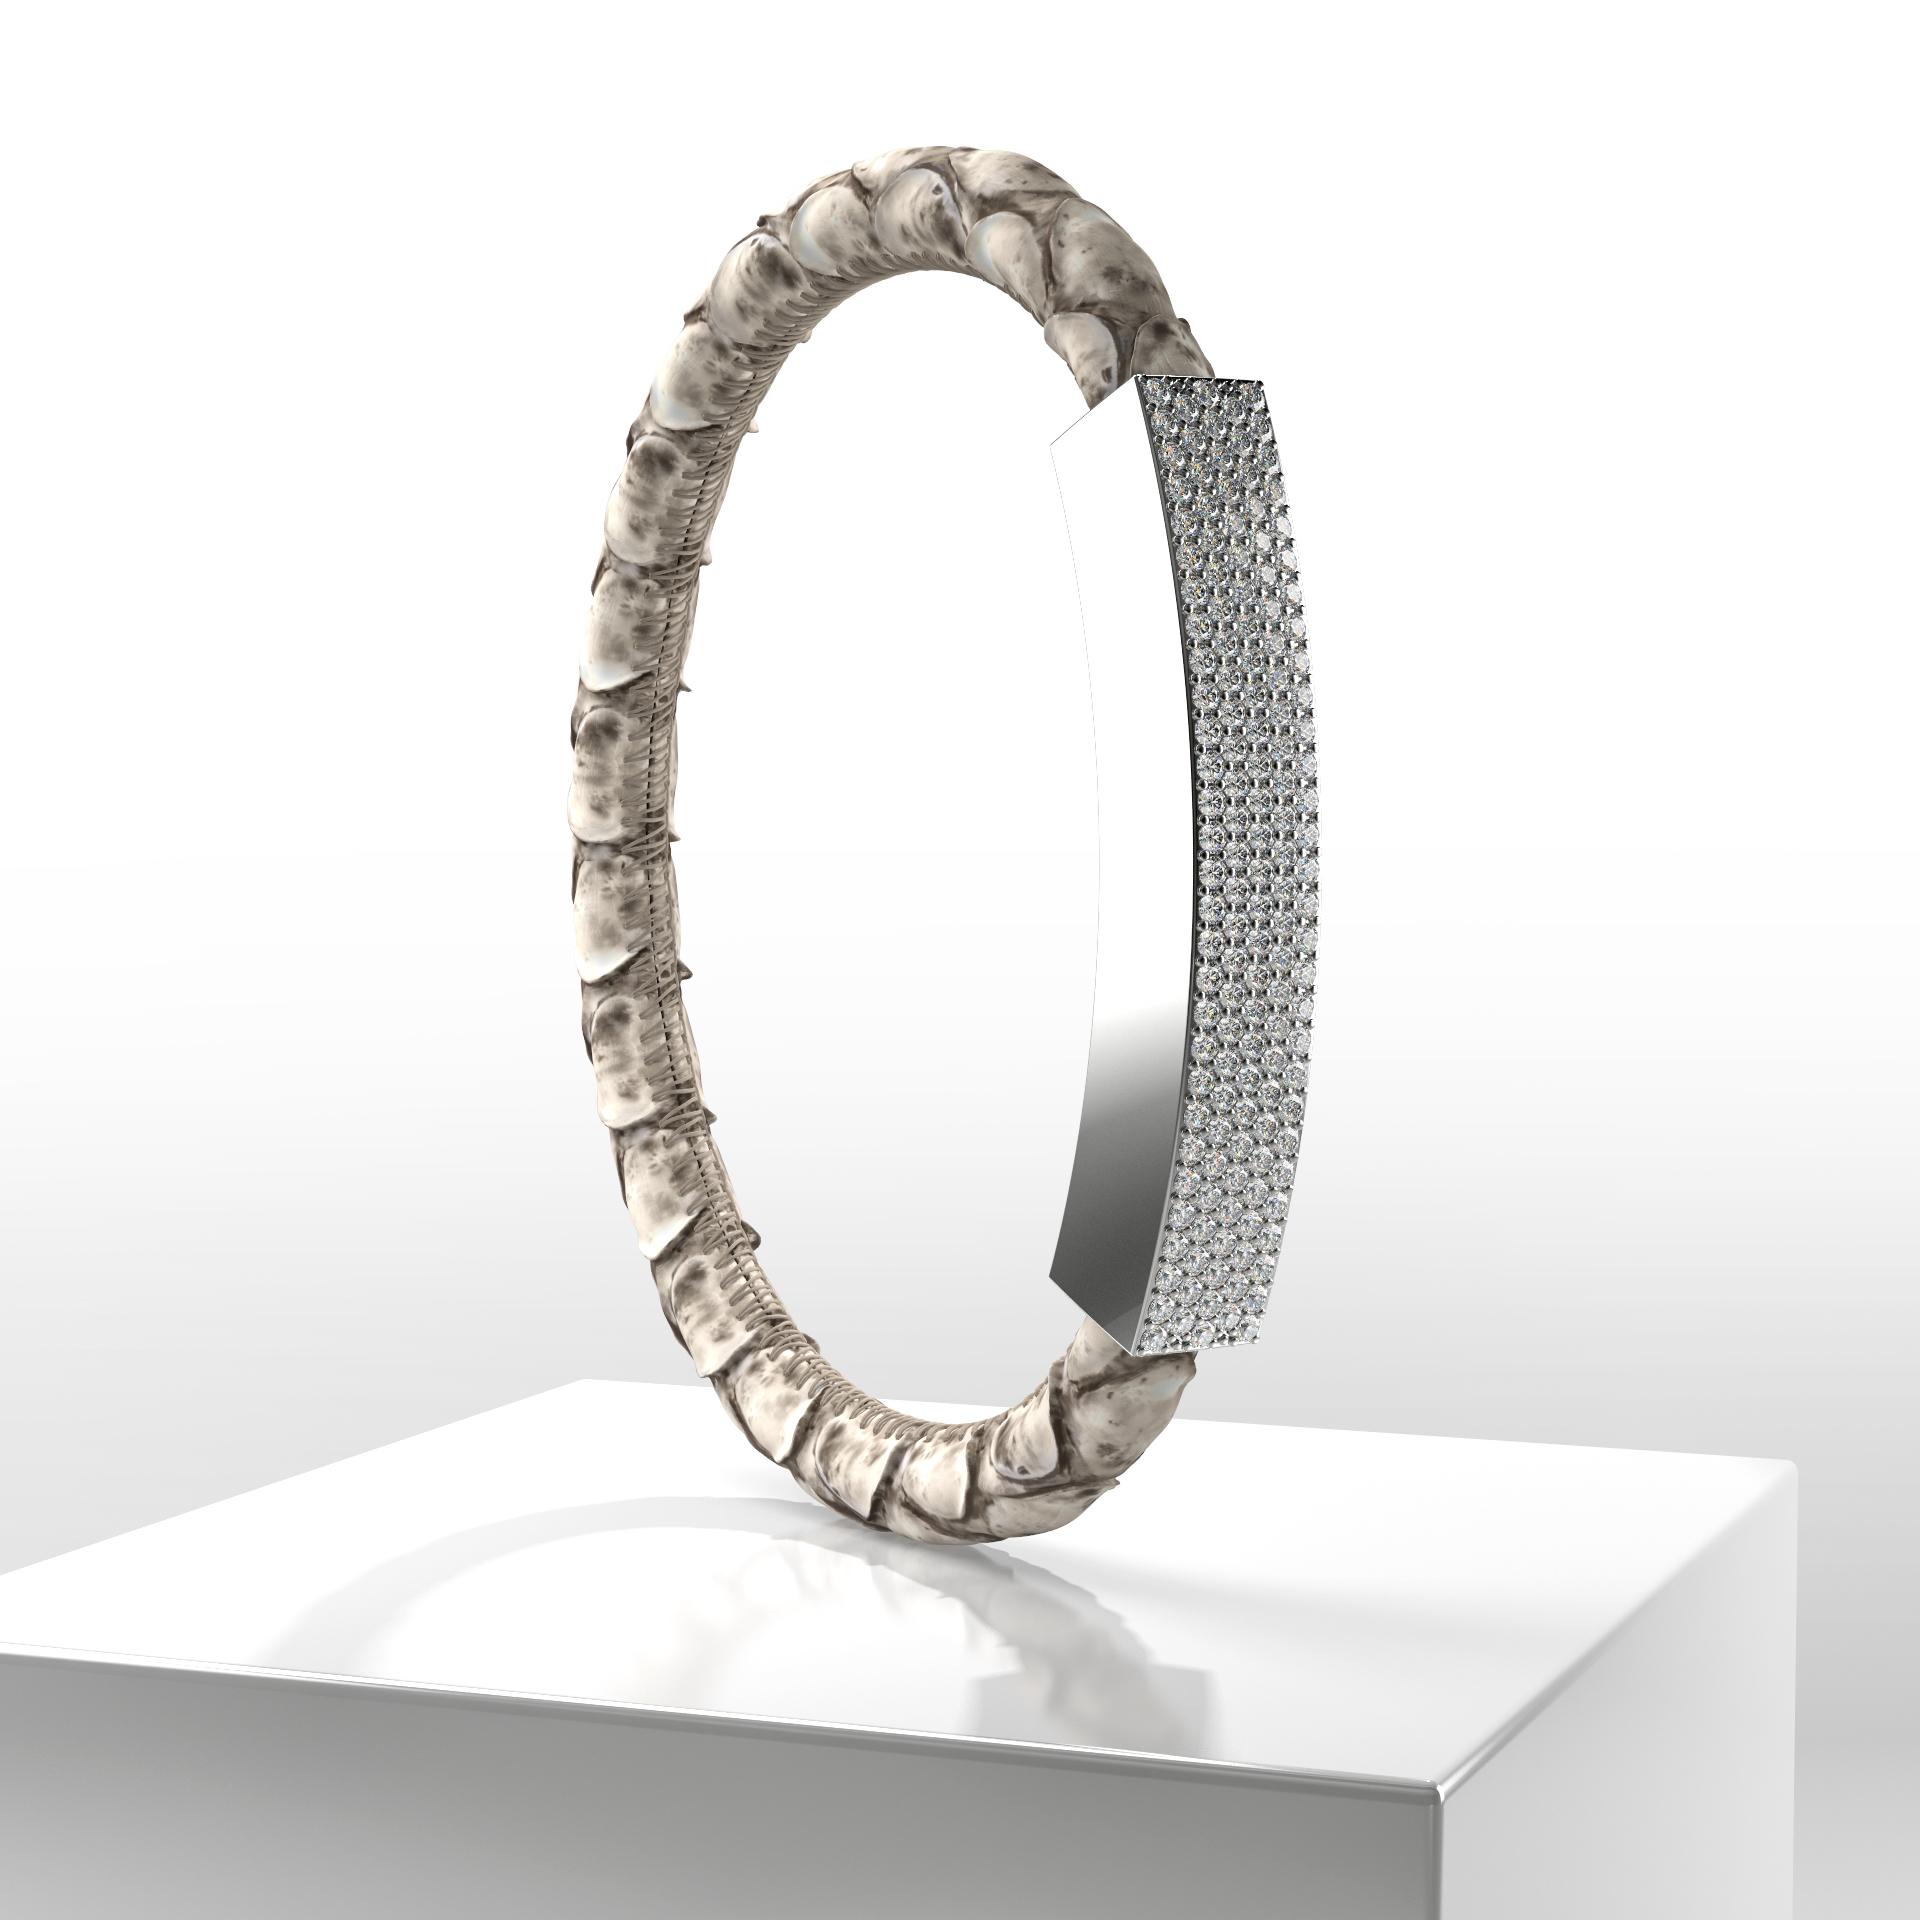 Bracelet_1_vertical_7mm_Python_002